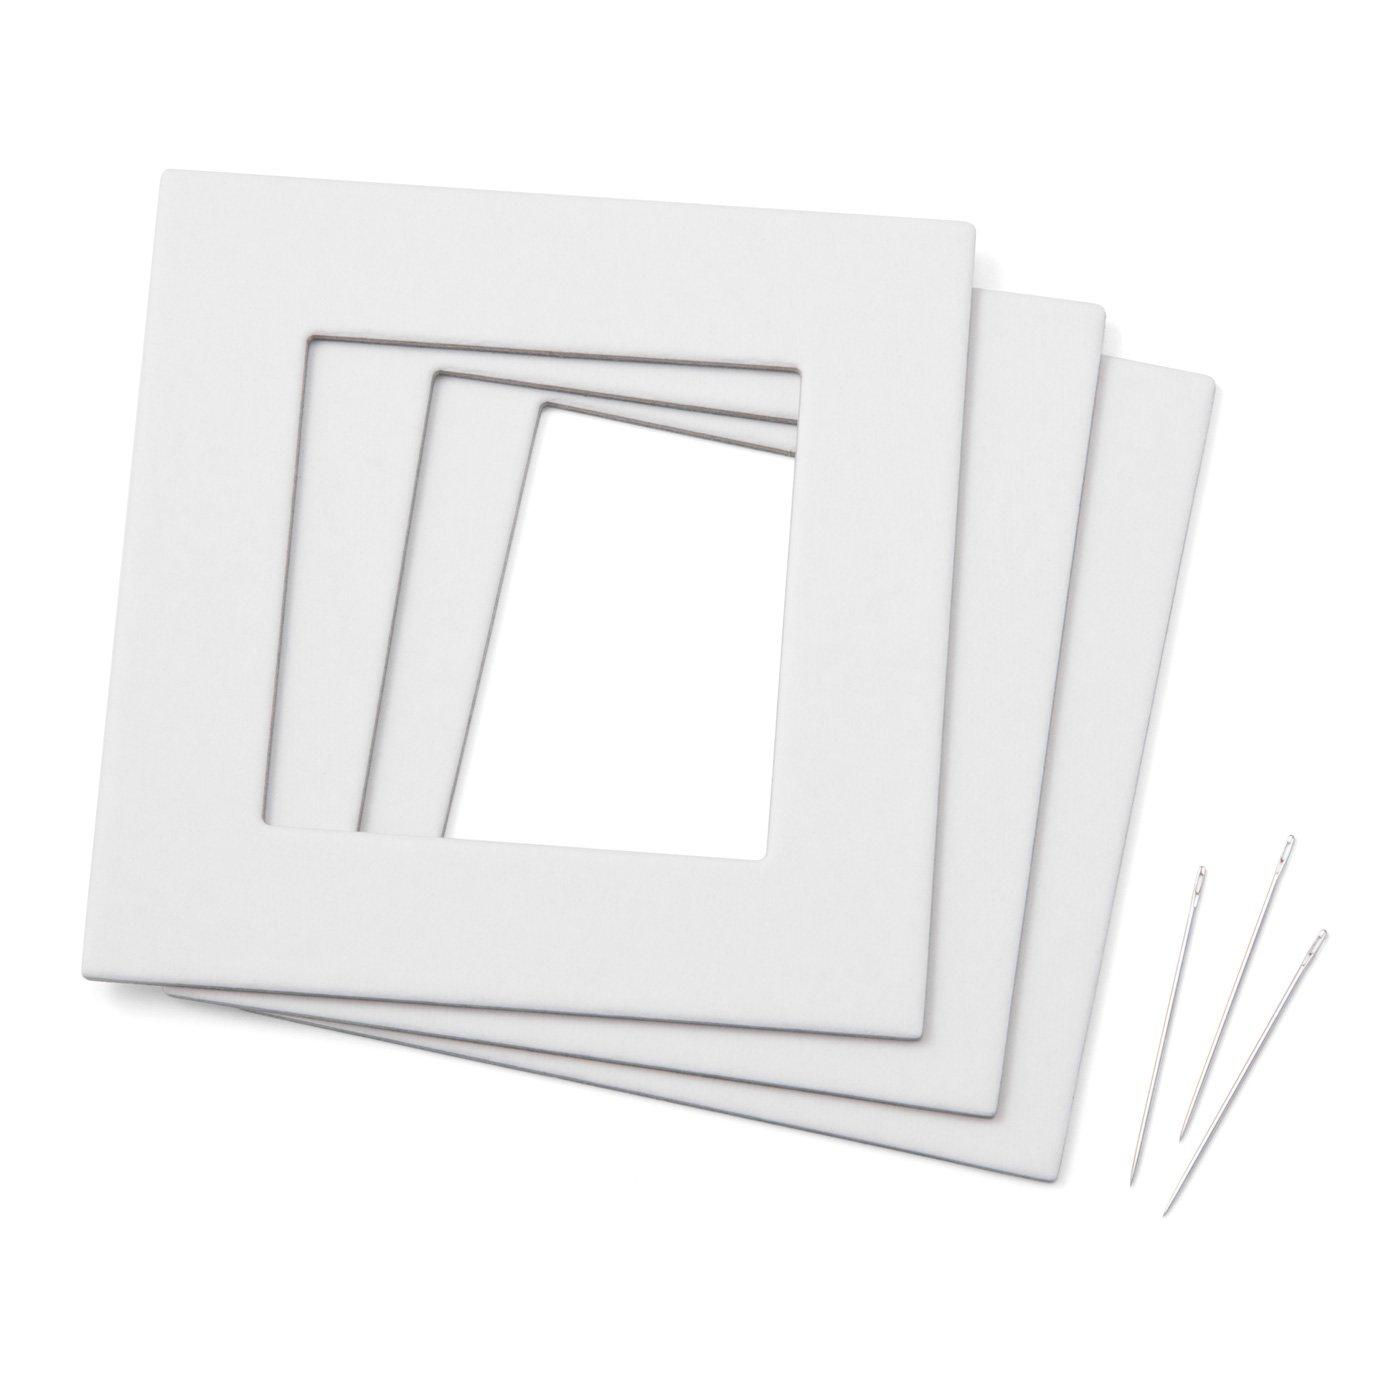 紙枠と針のセット